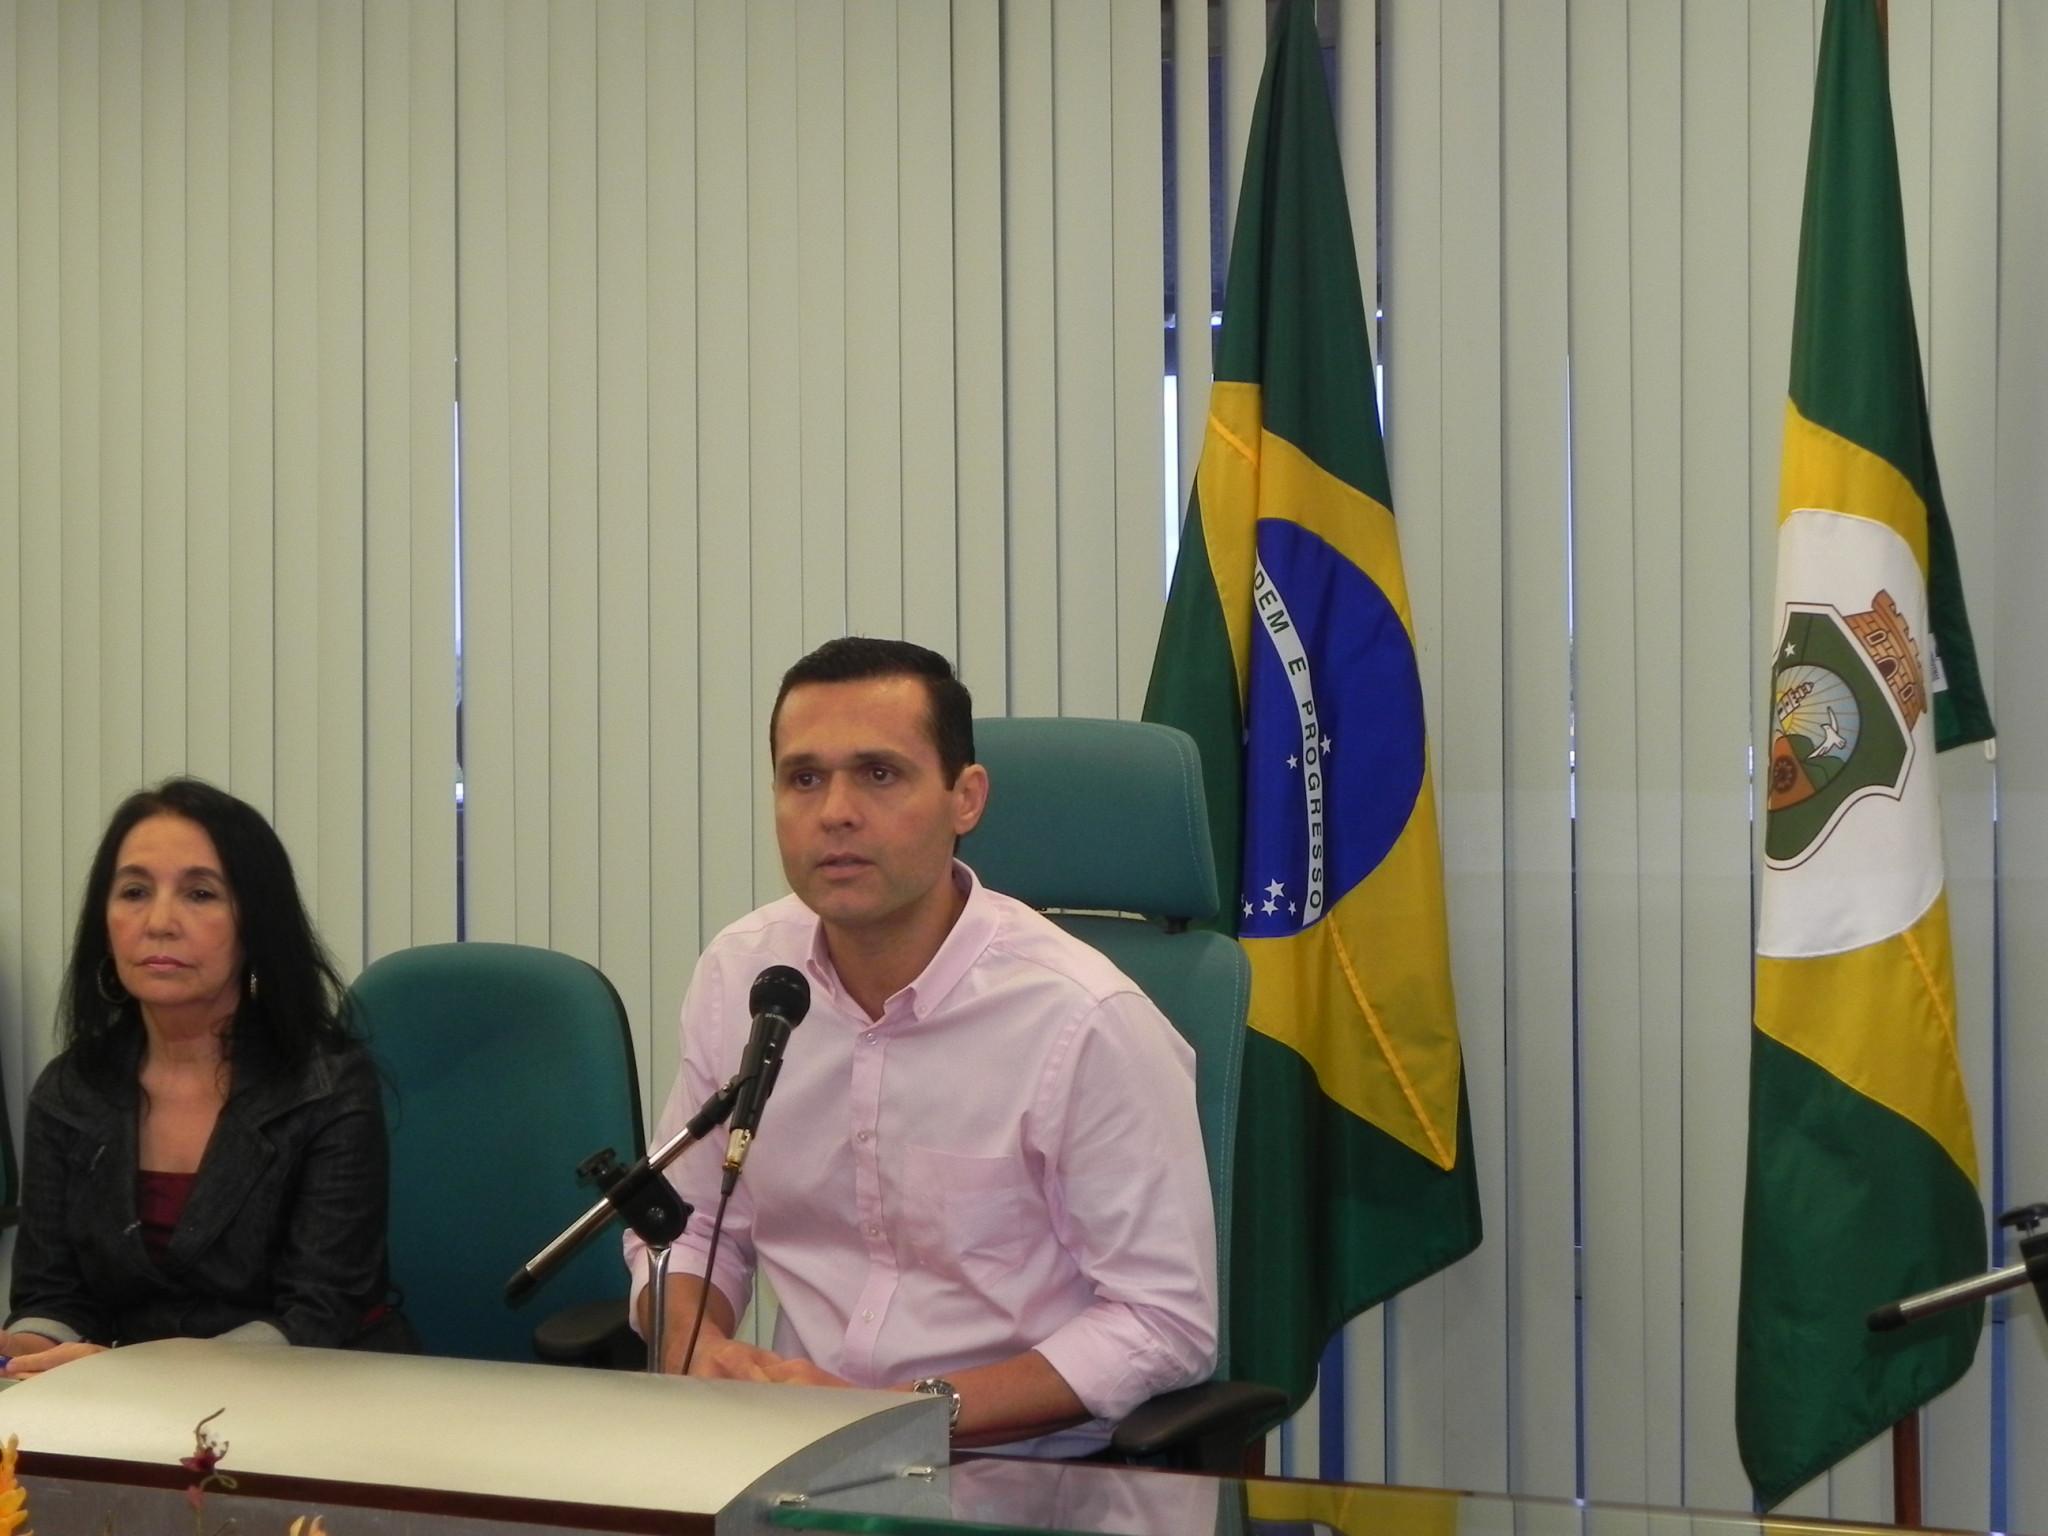 25-04-2012 - Audiência Pública (Crédito Consignado) (8)